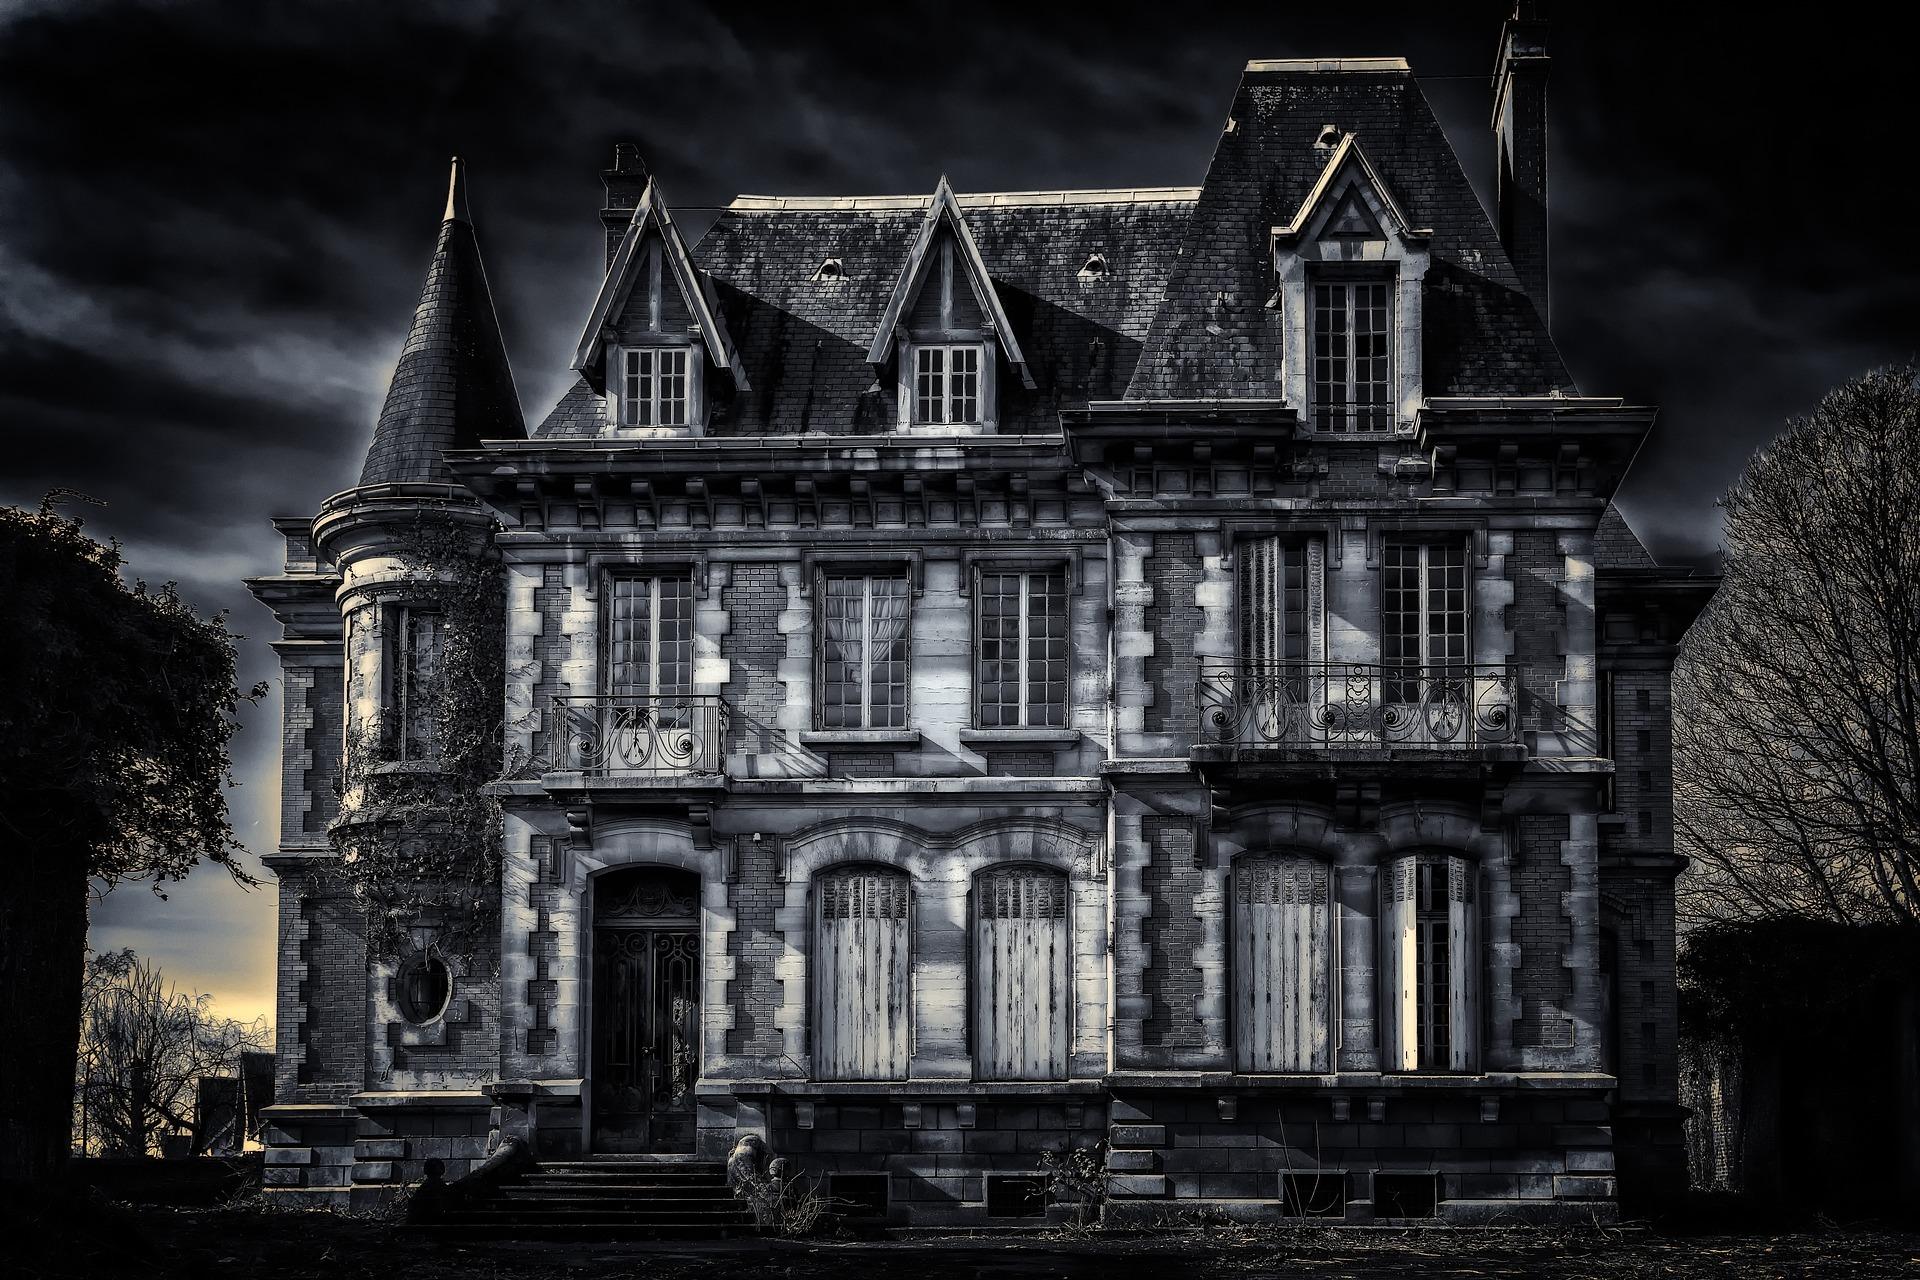 La maison hantée - Neurones Escape Game